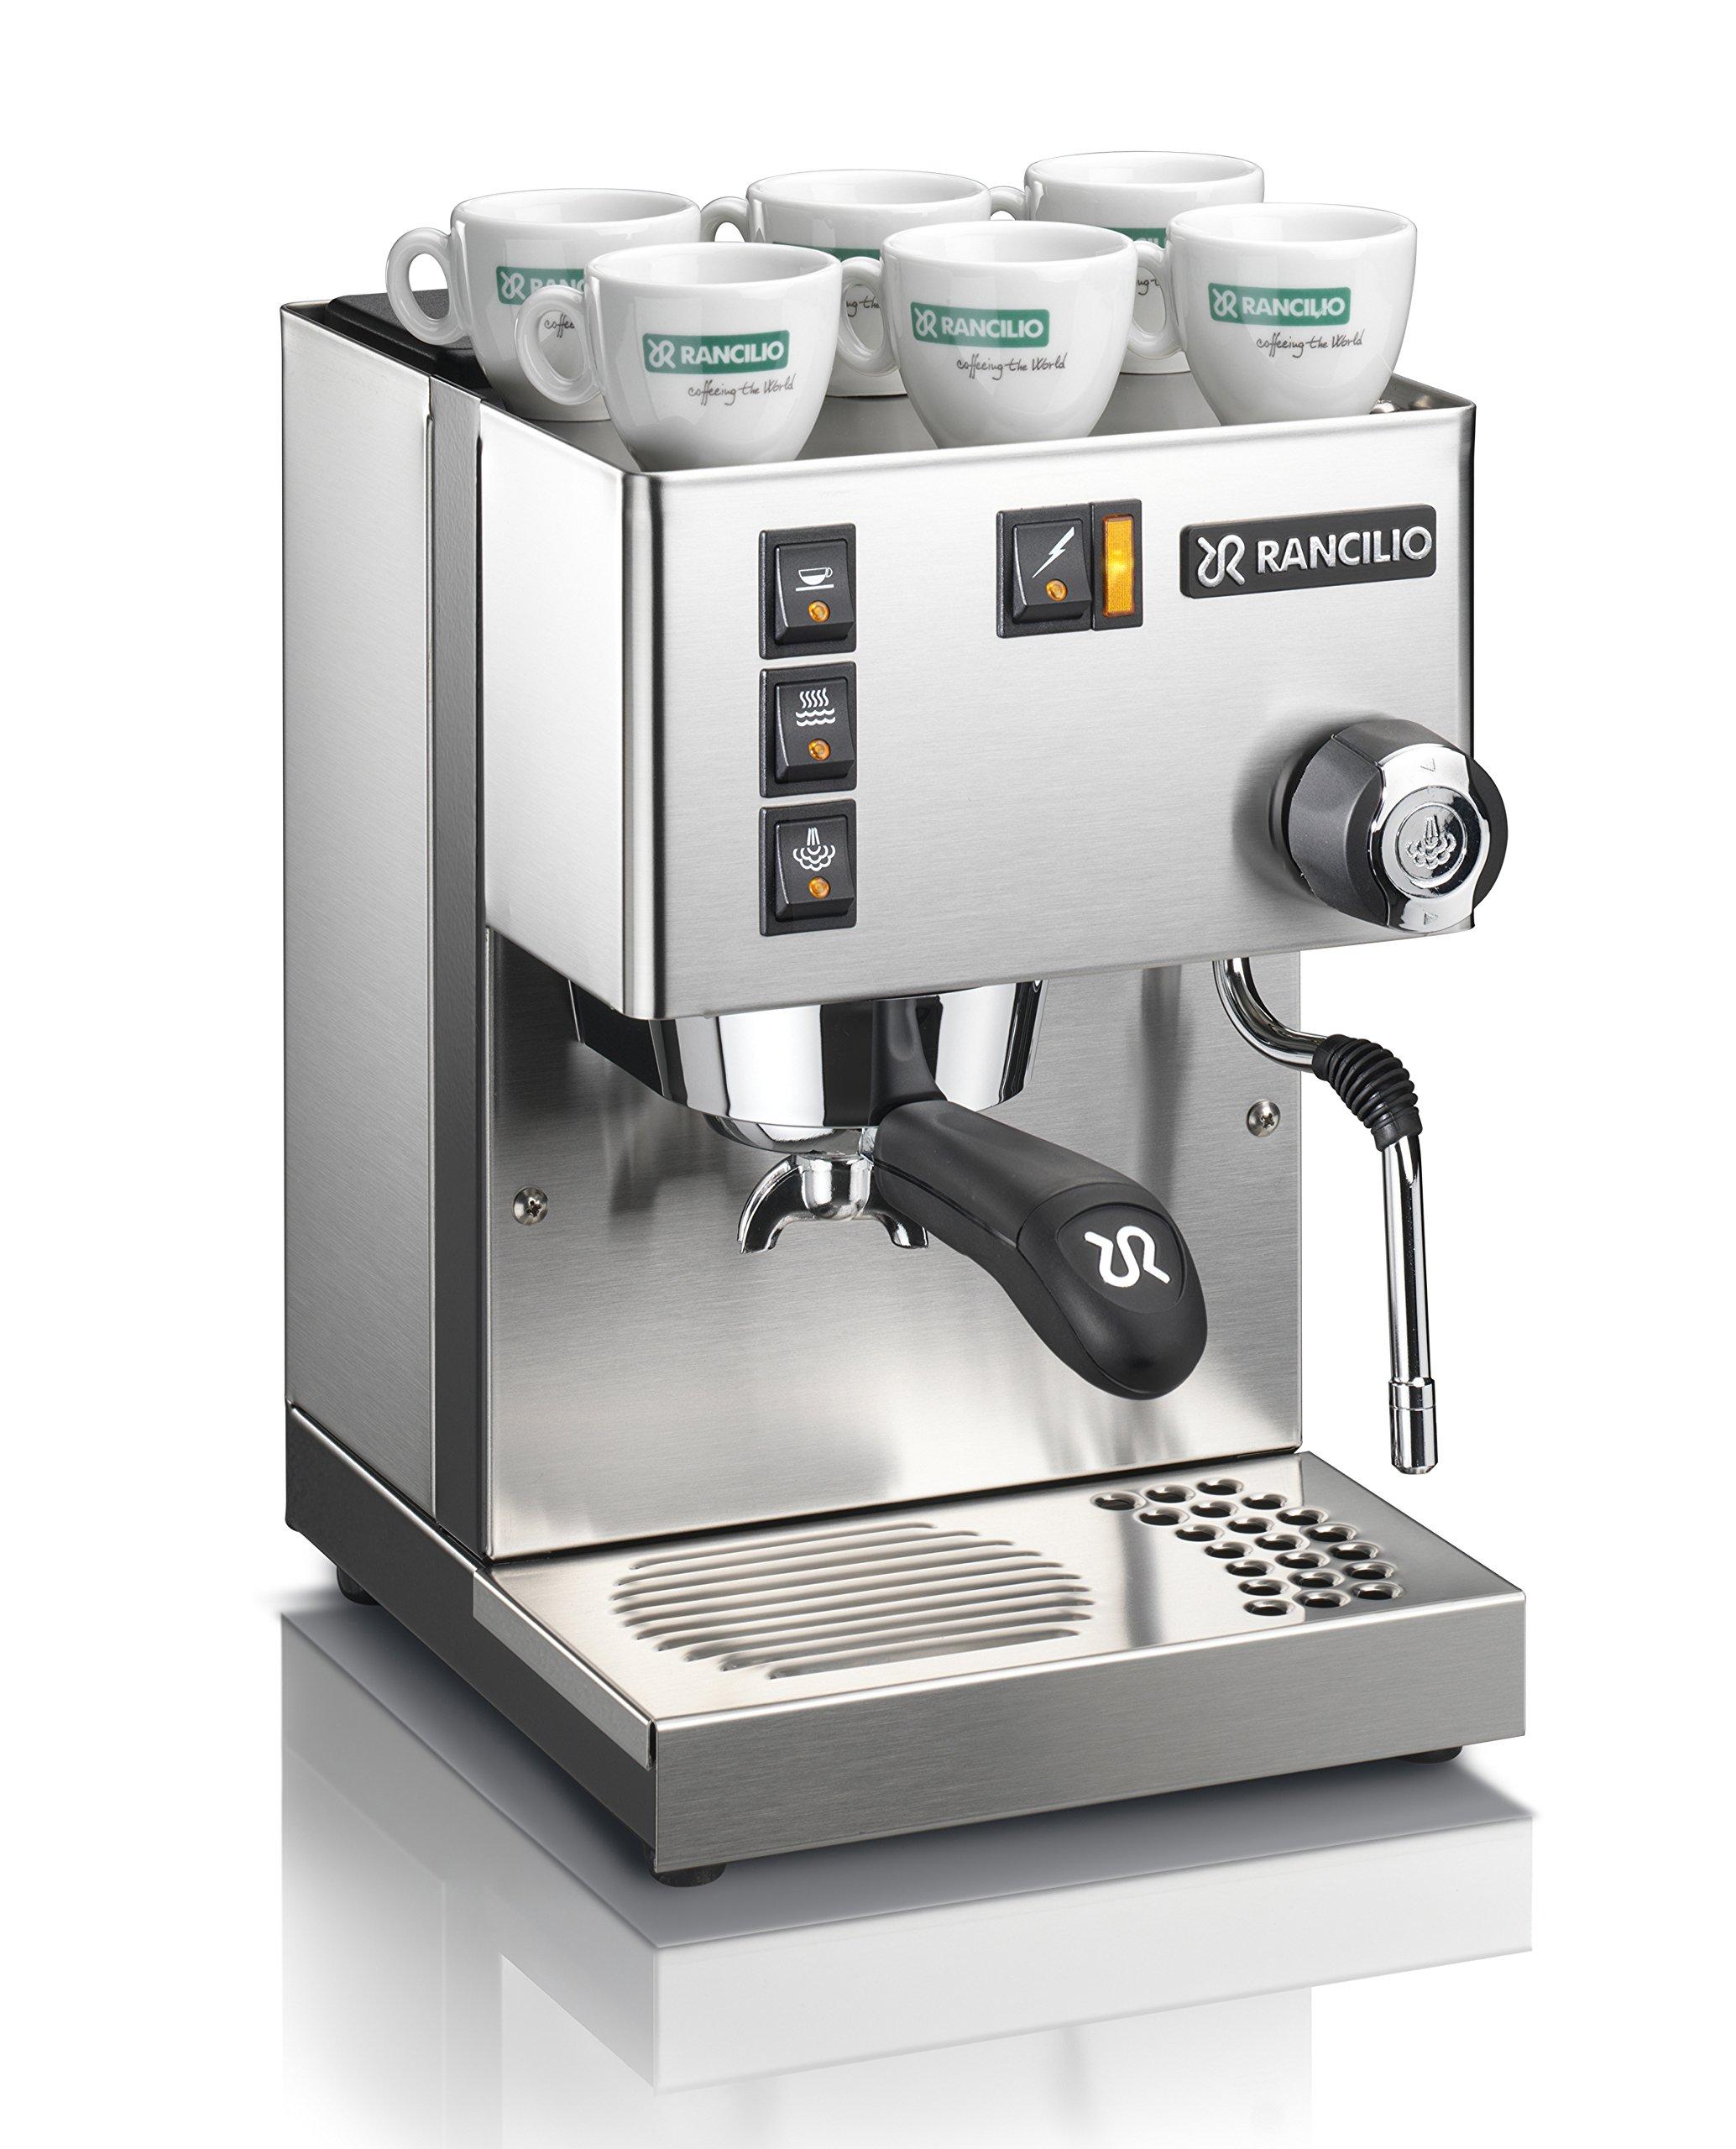 Rancilio Espresso Machine Stainless 13 4 Inch